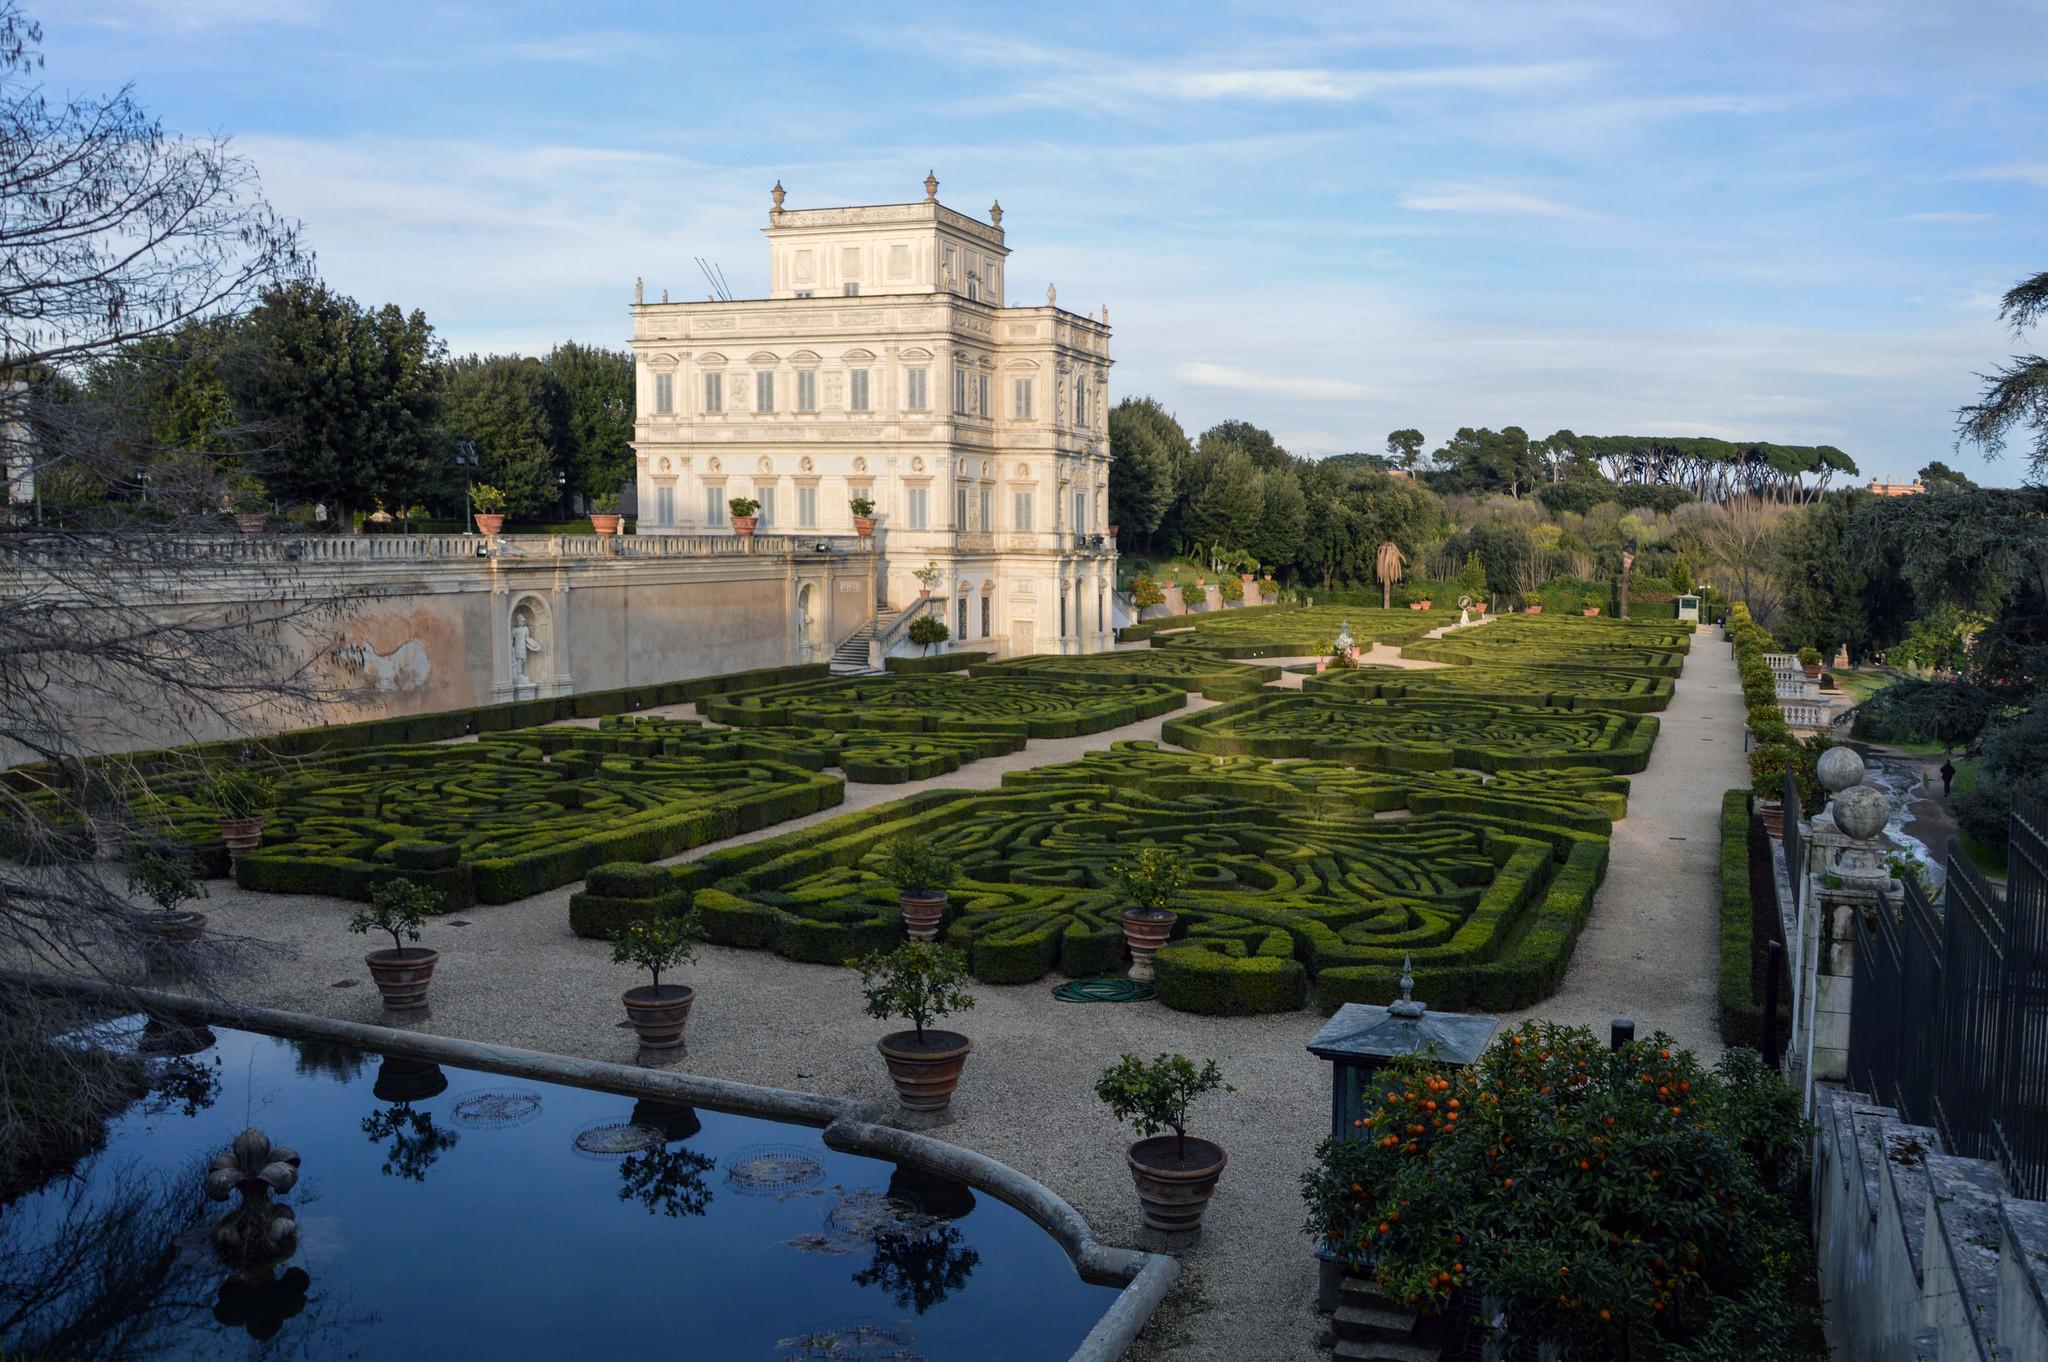 villa-doria-pamphilj-rome